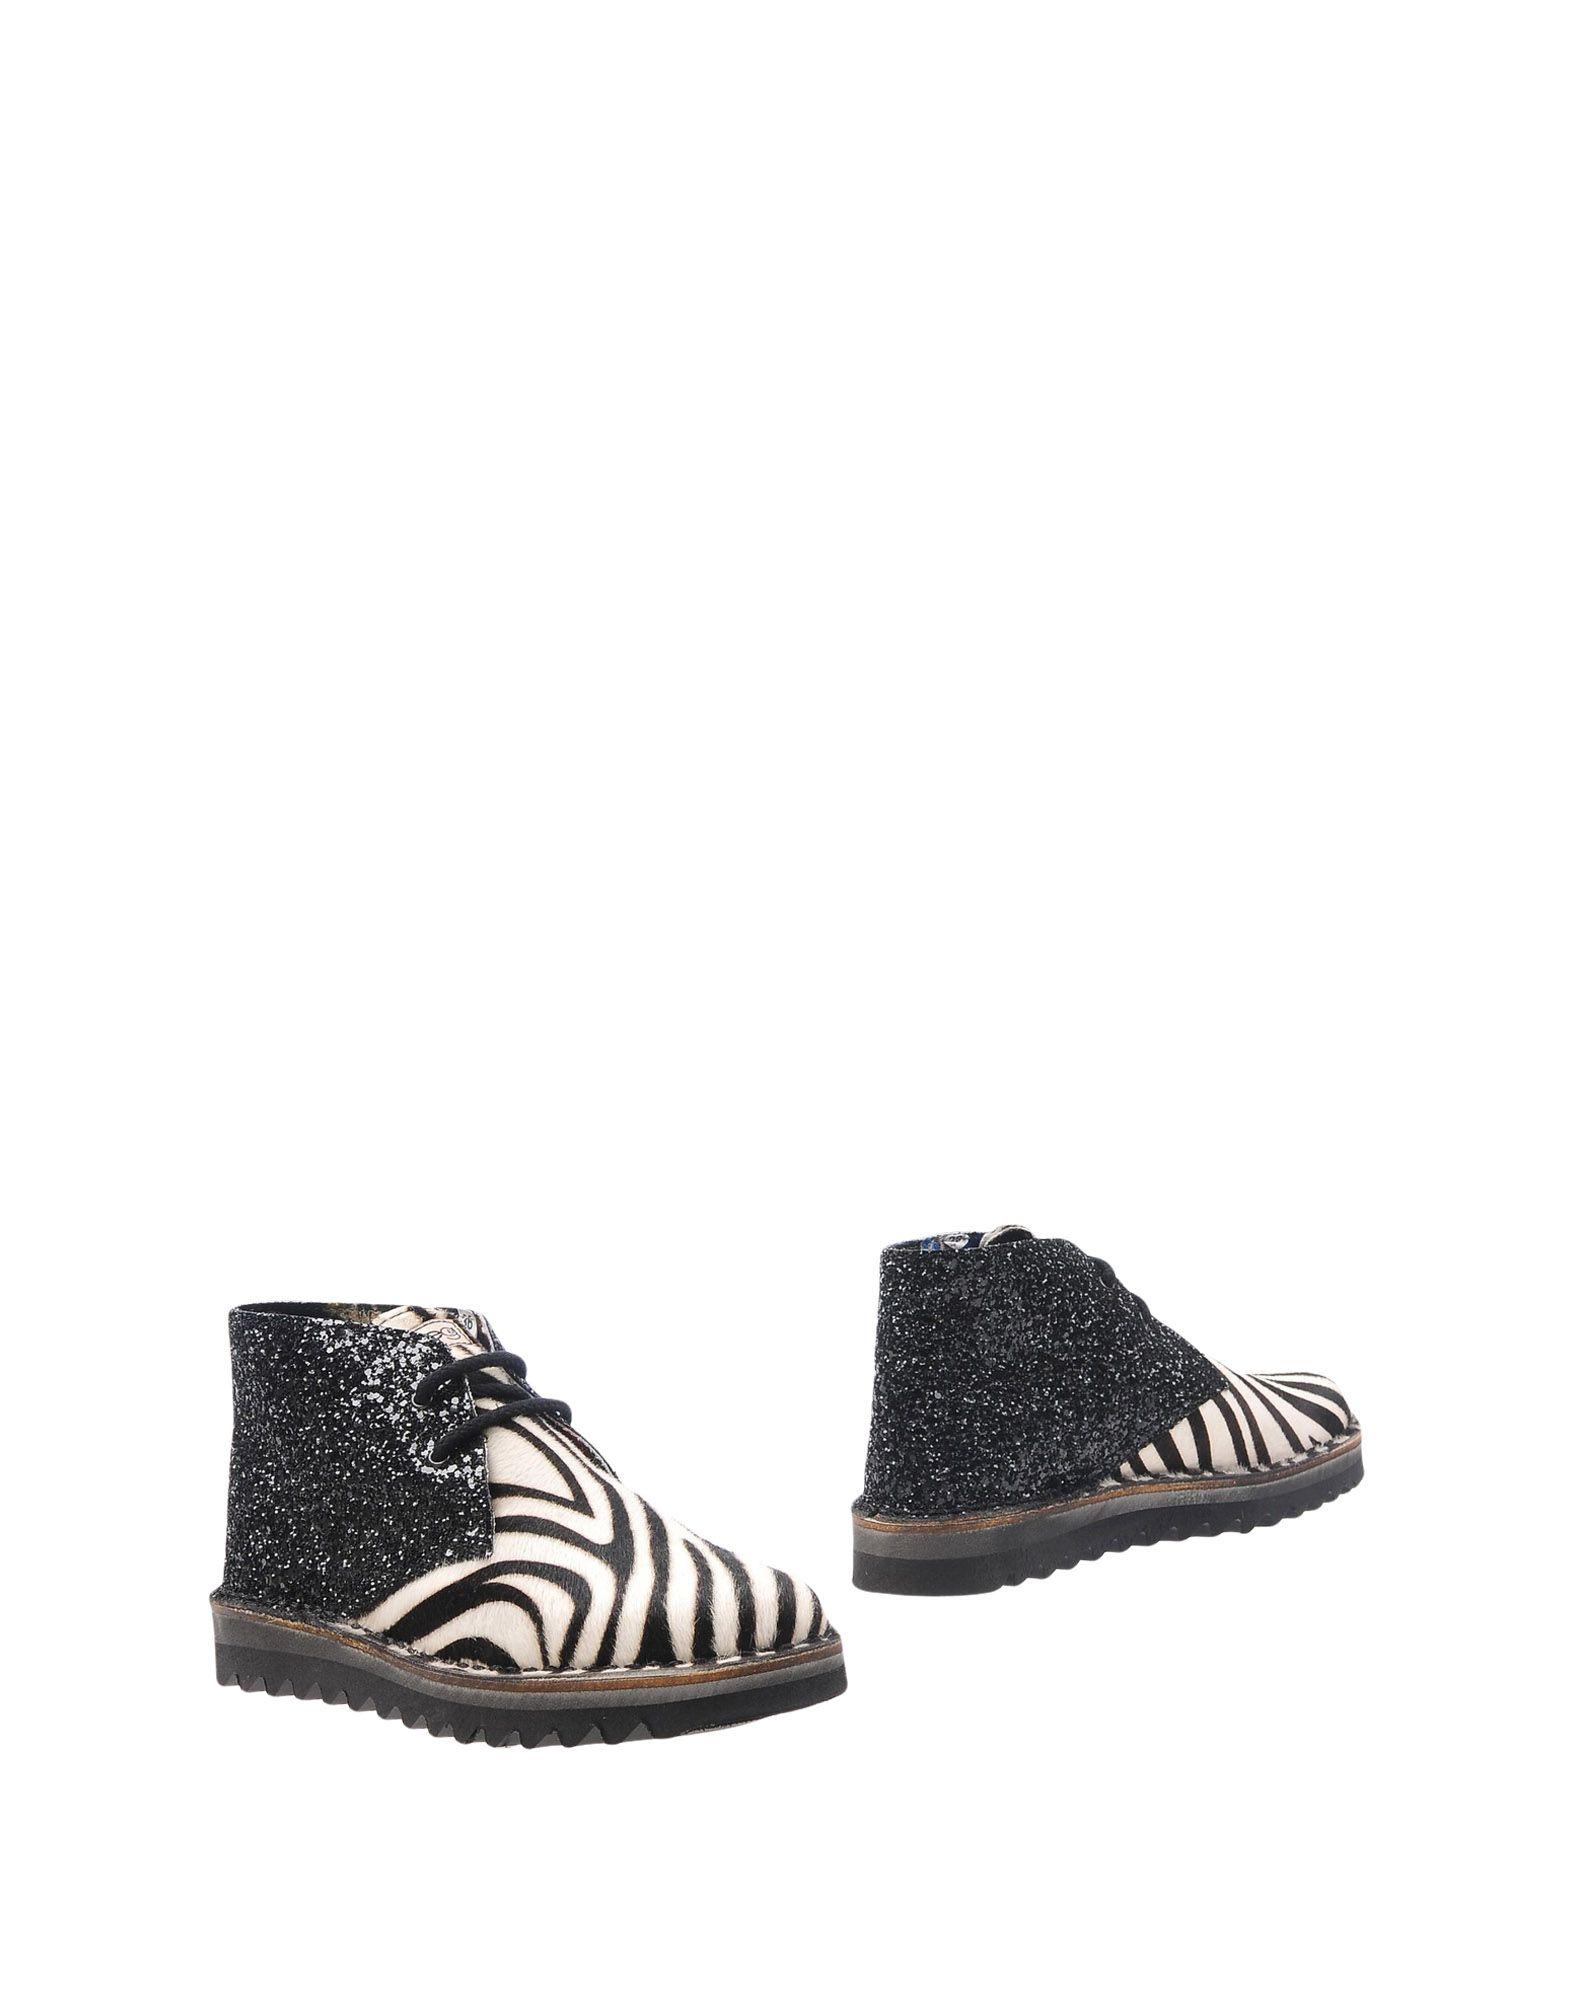 Weg Stiefelette Gute Damen  11292154PU Gute Stiefelette Qualität beliebte Schuhe 6dbc49